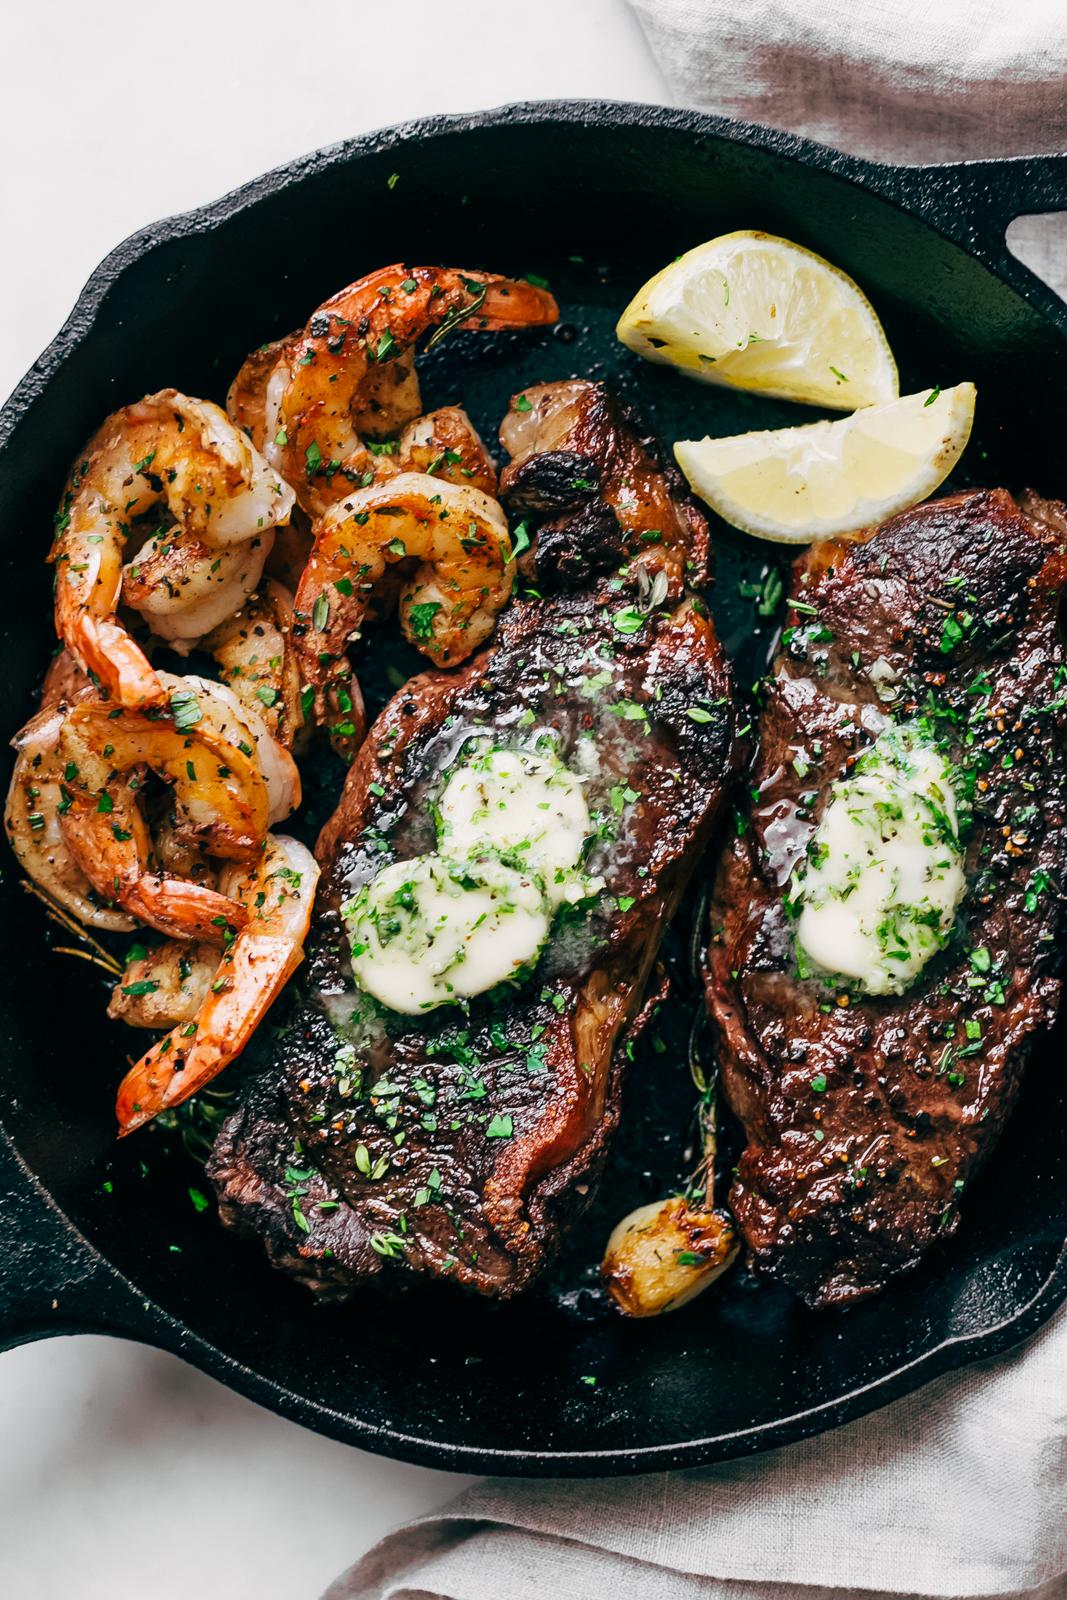 Garlic Butter Skillet Steak And Shrimp Recipe Little Spice Jar